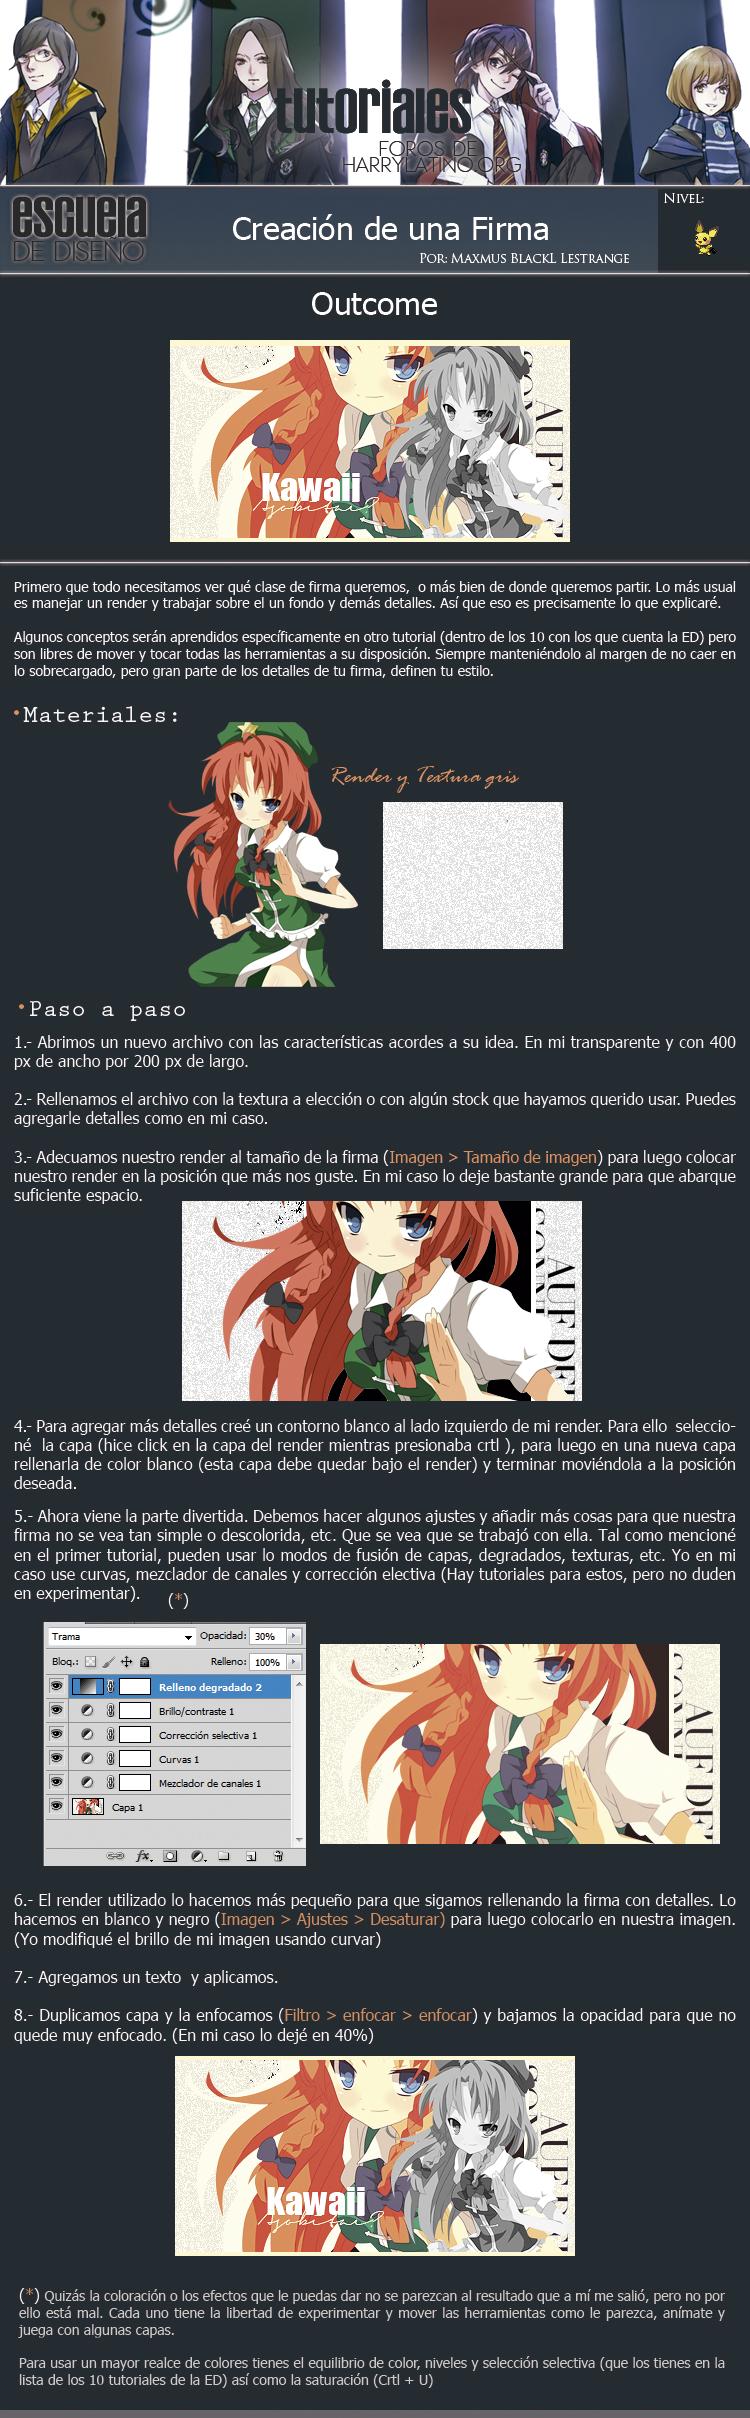 creacion_de_una_firma_by_disenohl-d4bl0c